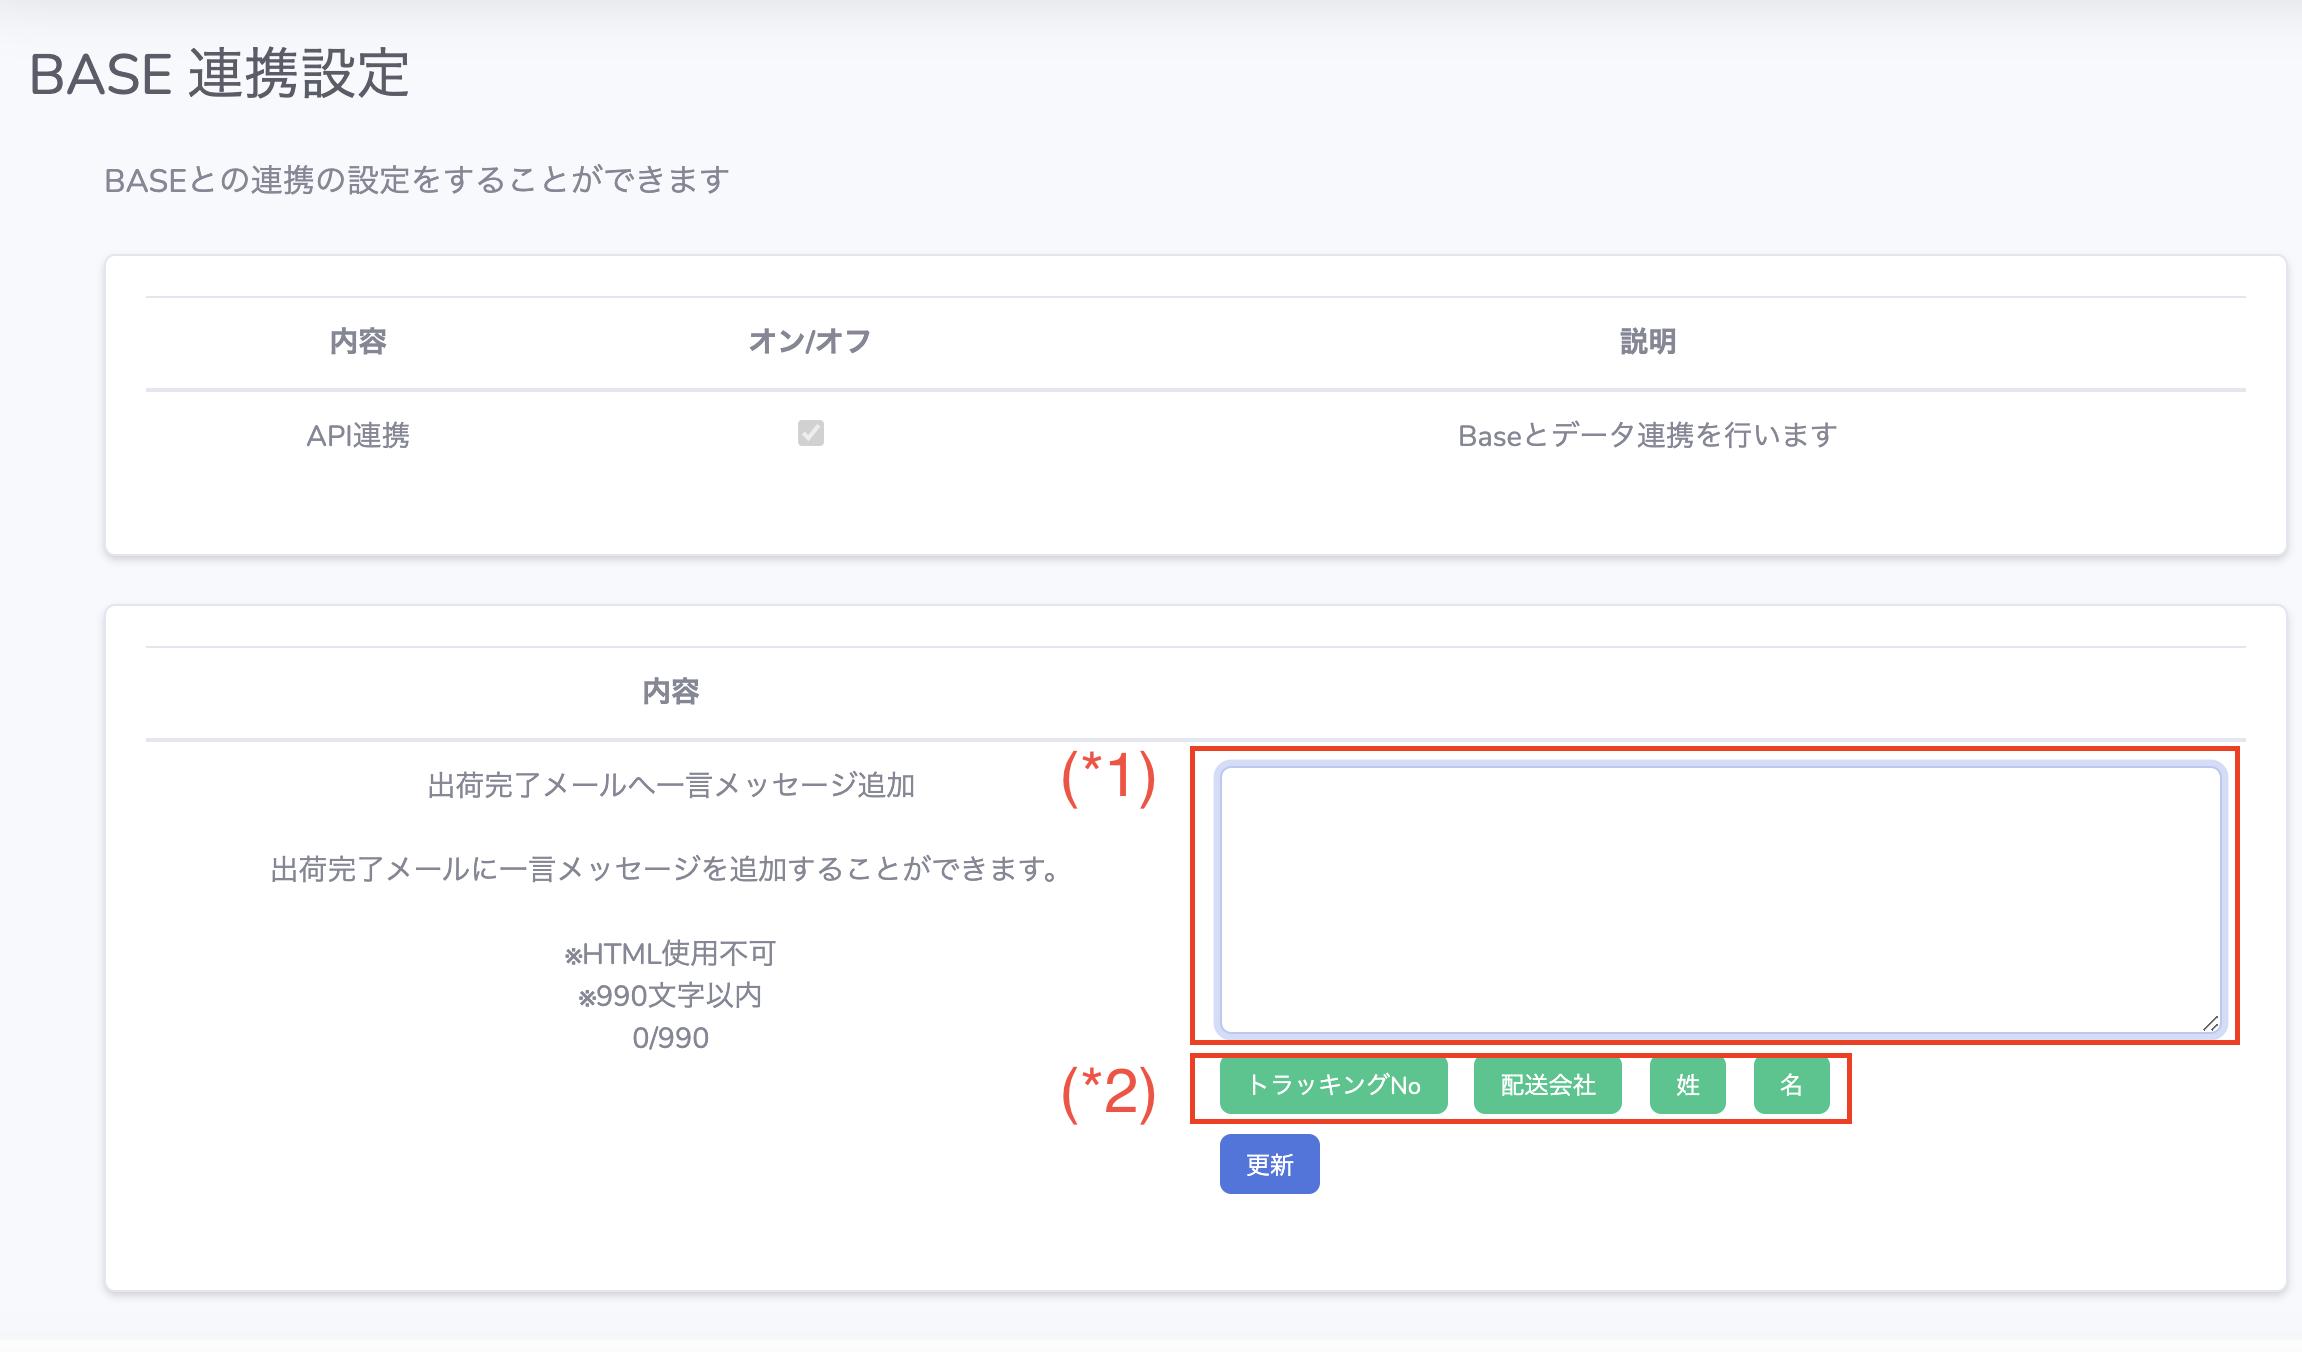 スクリーンショット 2021-09-14 9.21.40.png